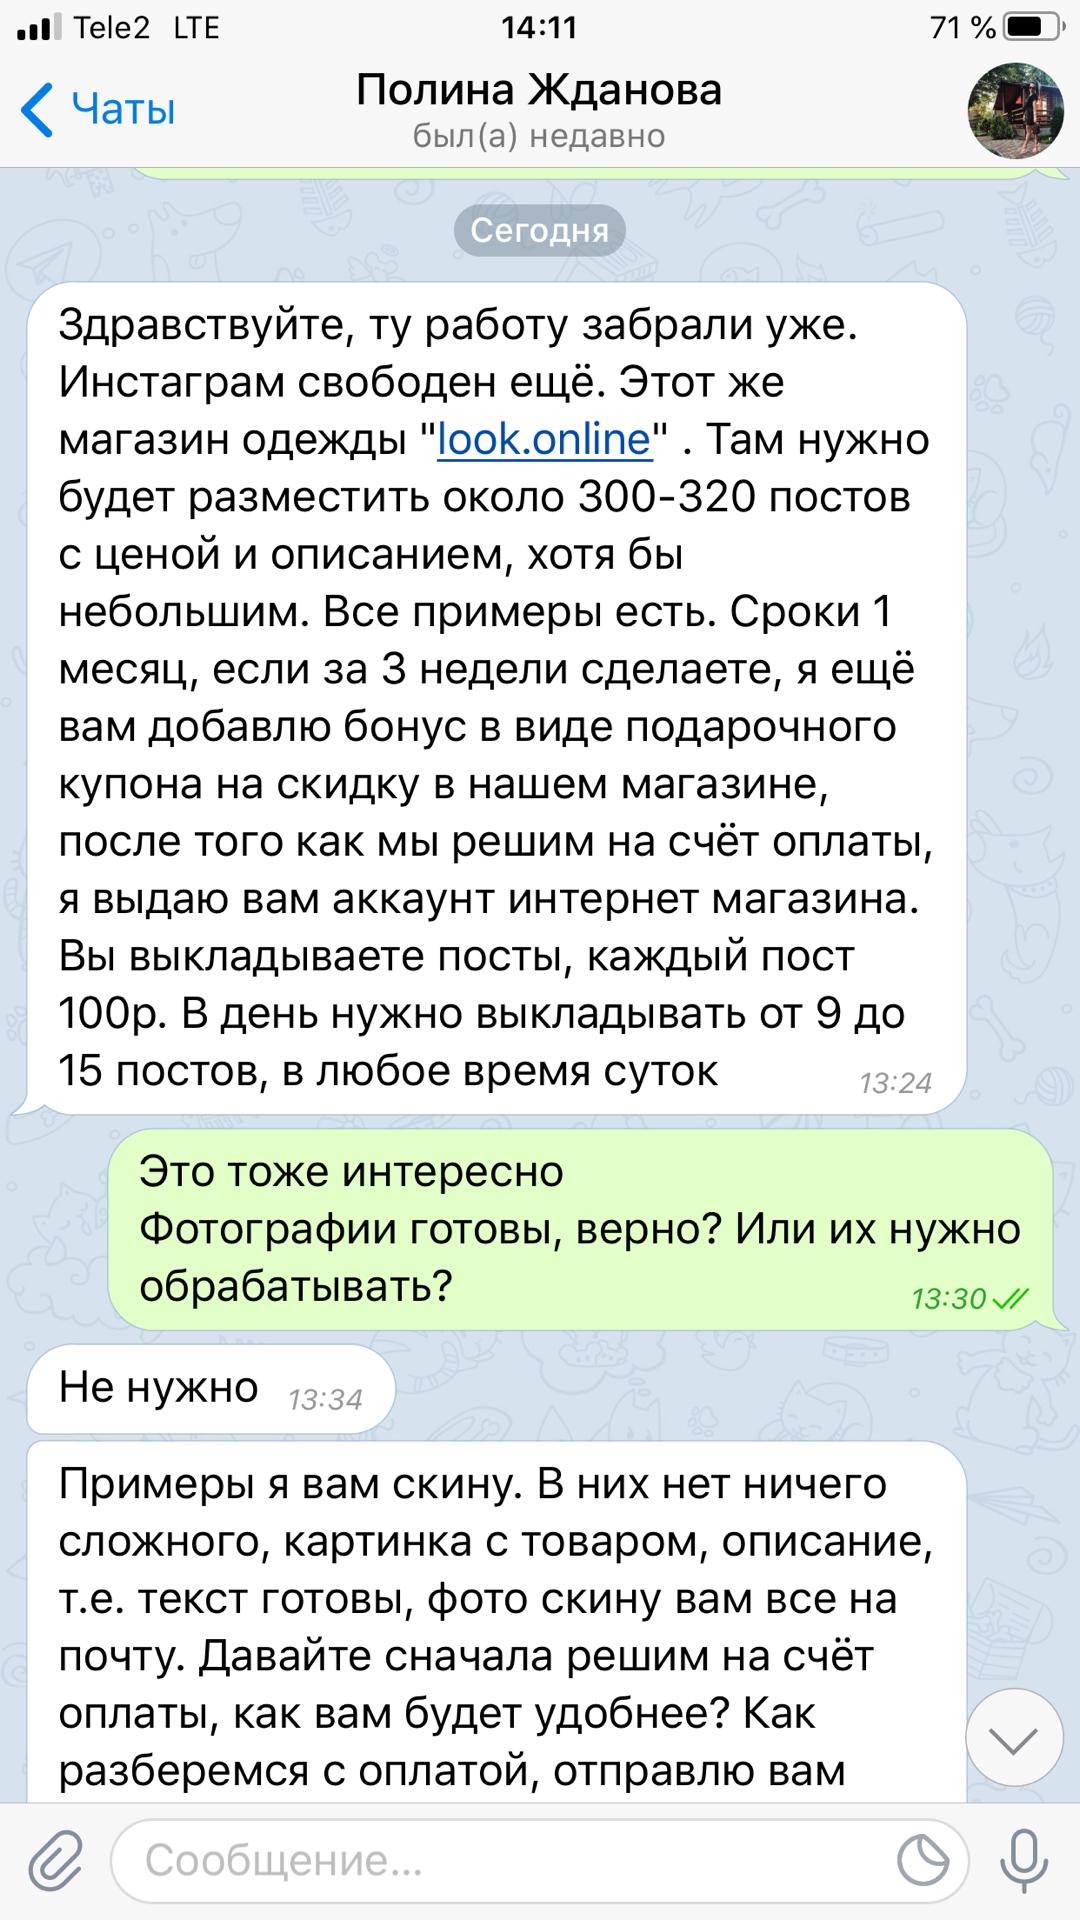 Группа в телеграмме для девушек работа девушка мастурбирует на работе